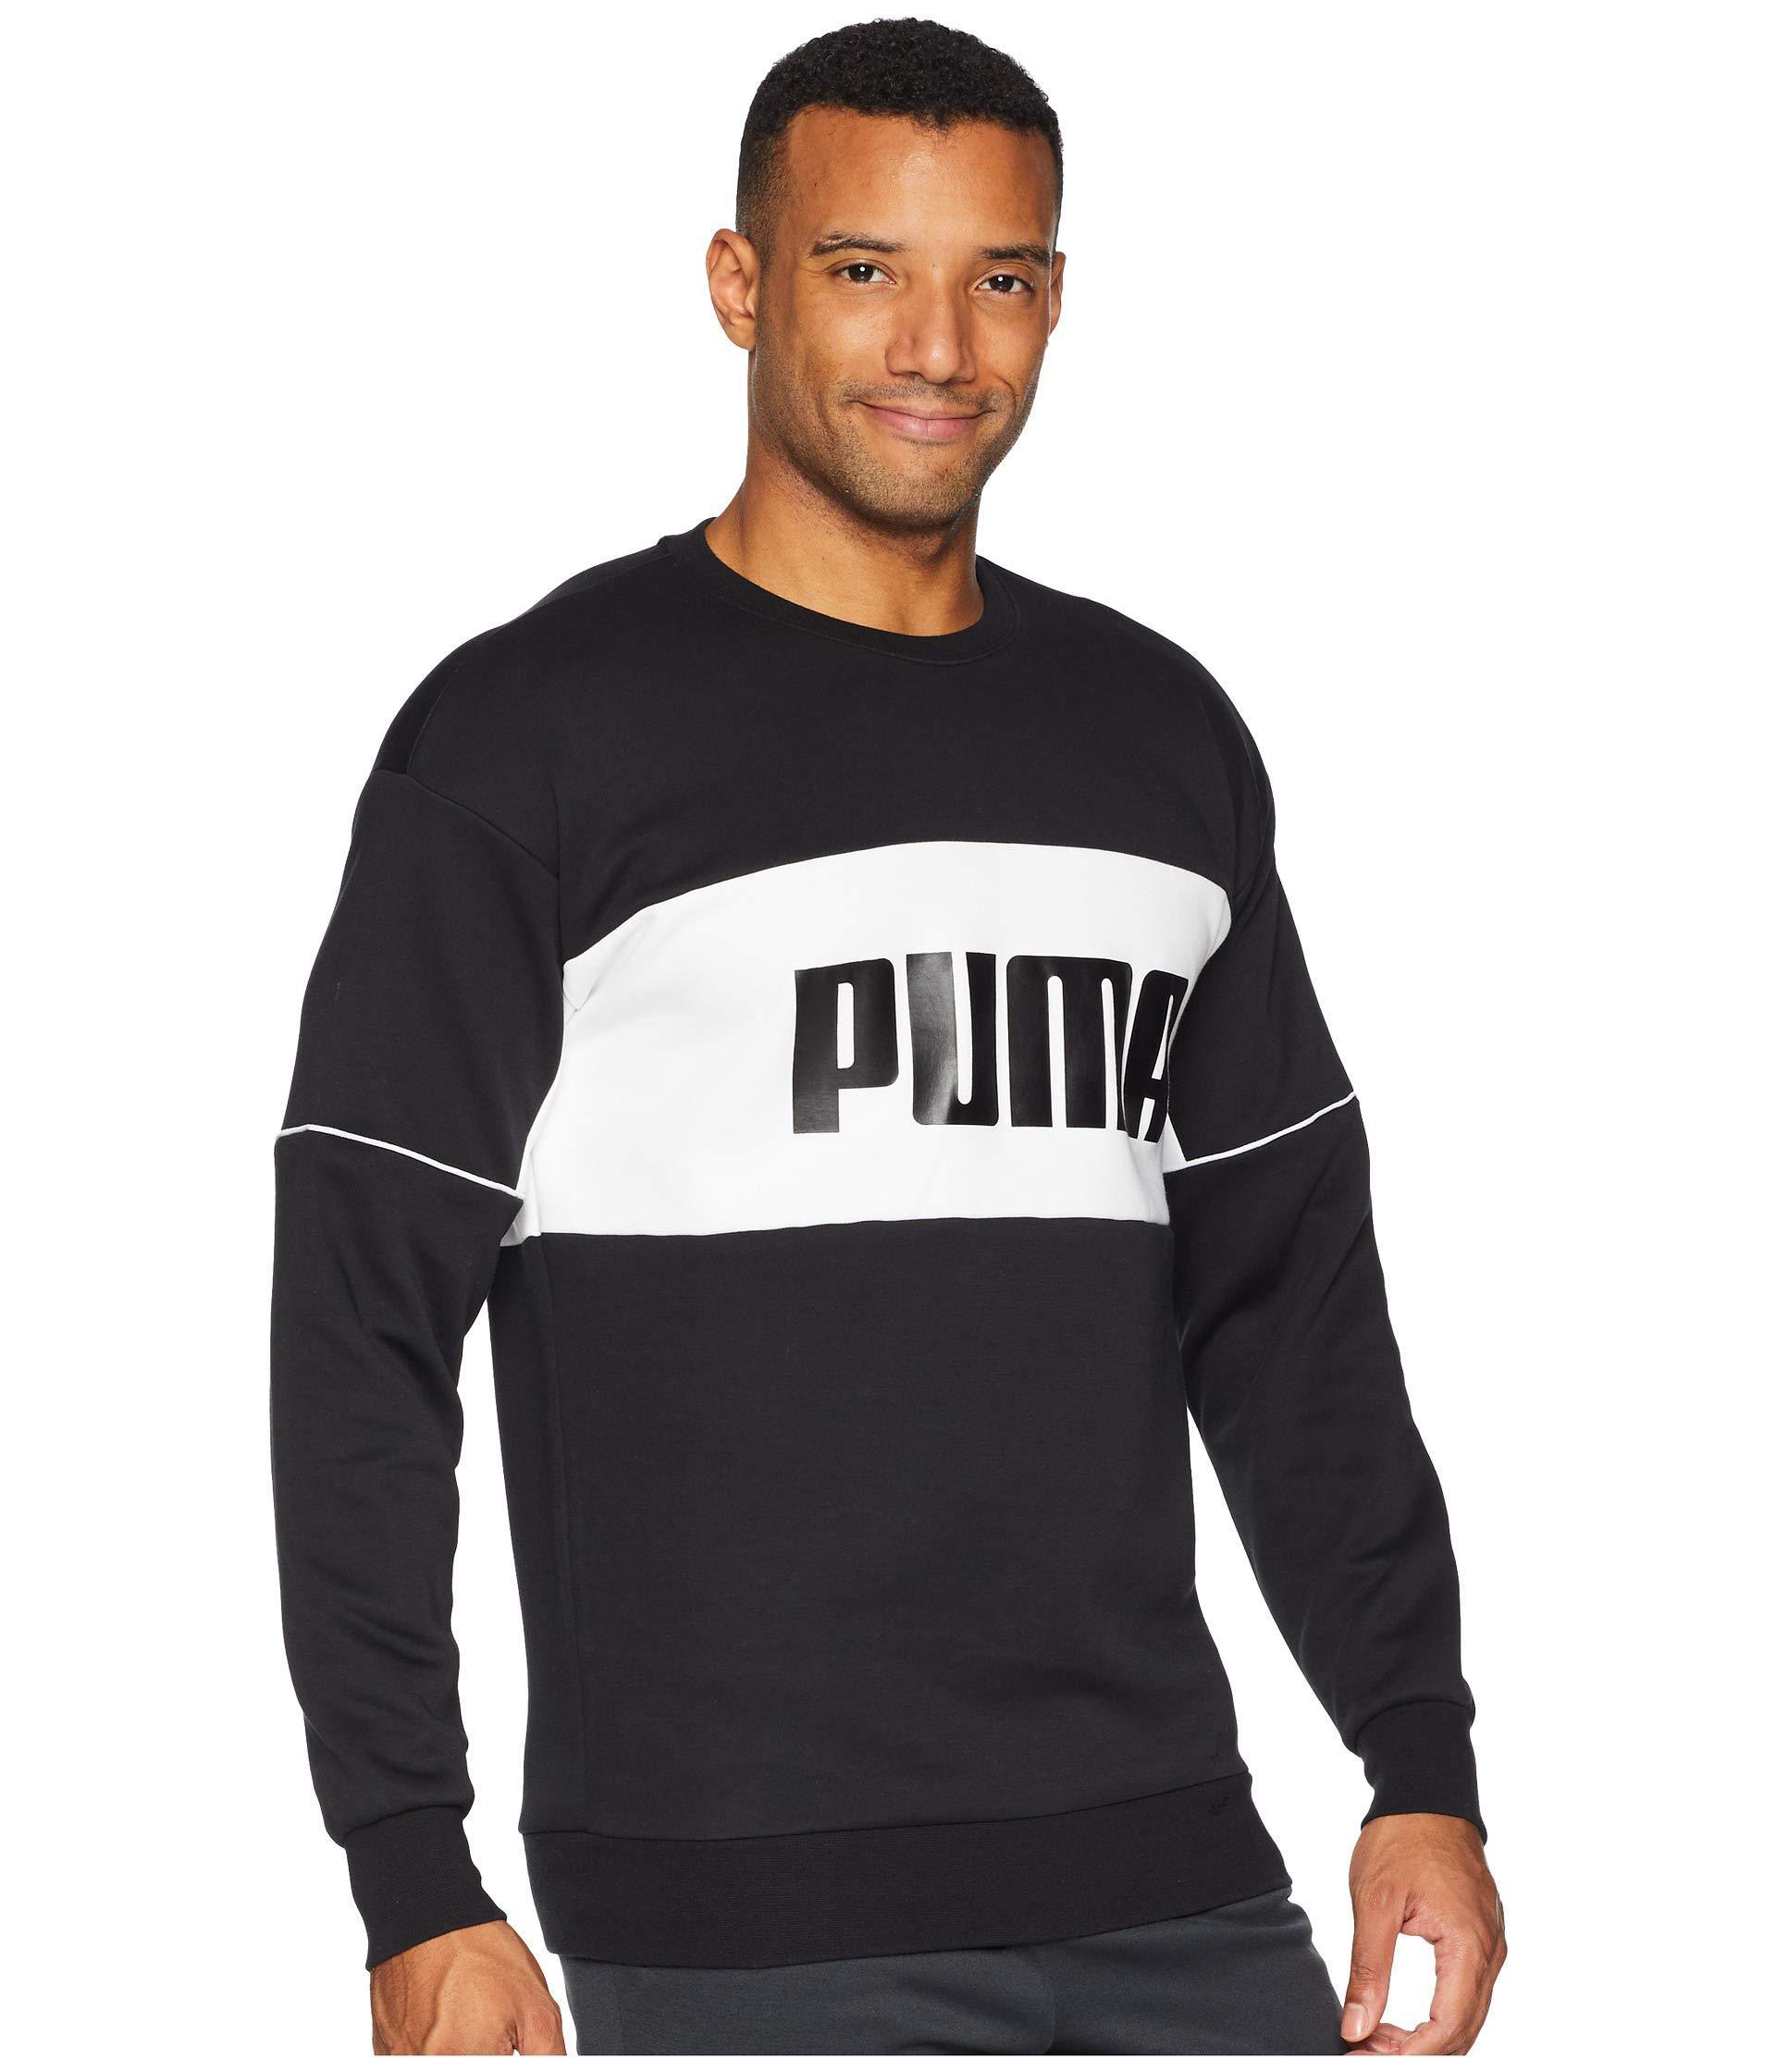 b0f4d280e2b2f2 ... PUMA - Black Retro Crew Neck Sweatshirt for Men - Lyst. View fullscreen  unique design ...